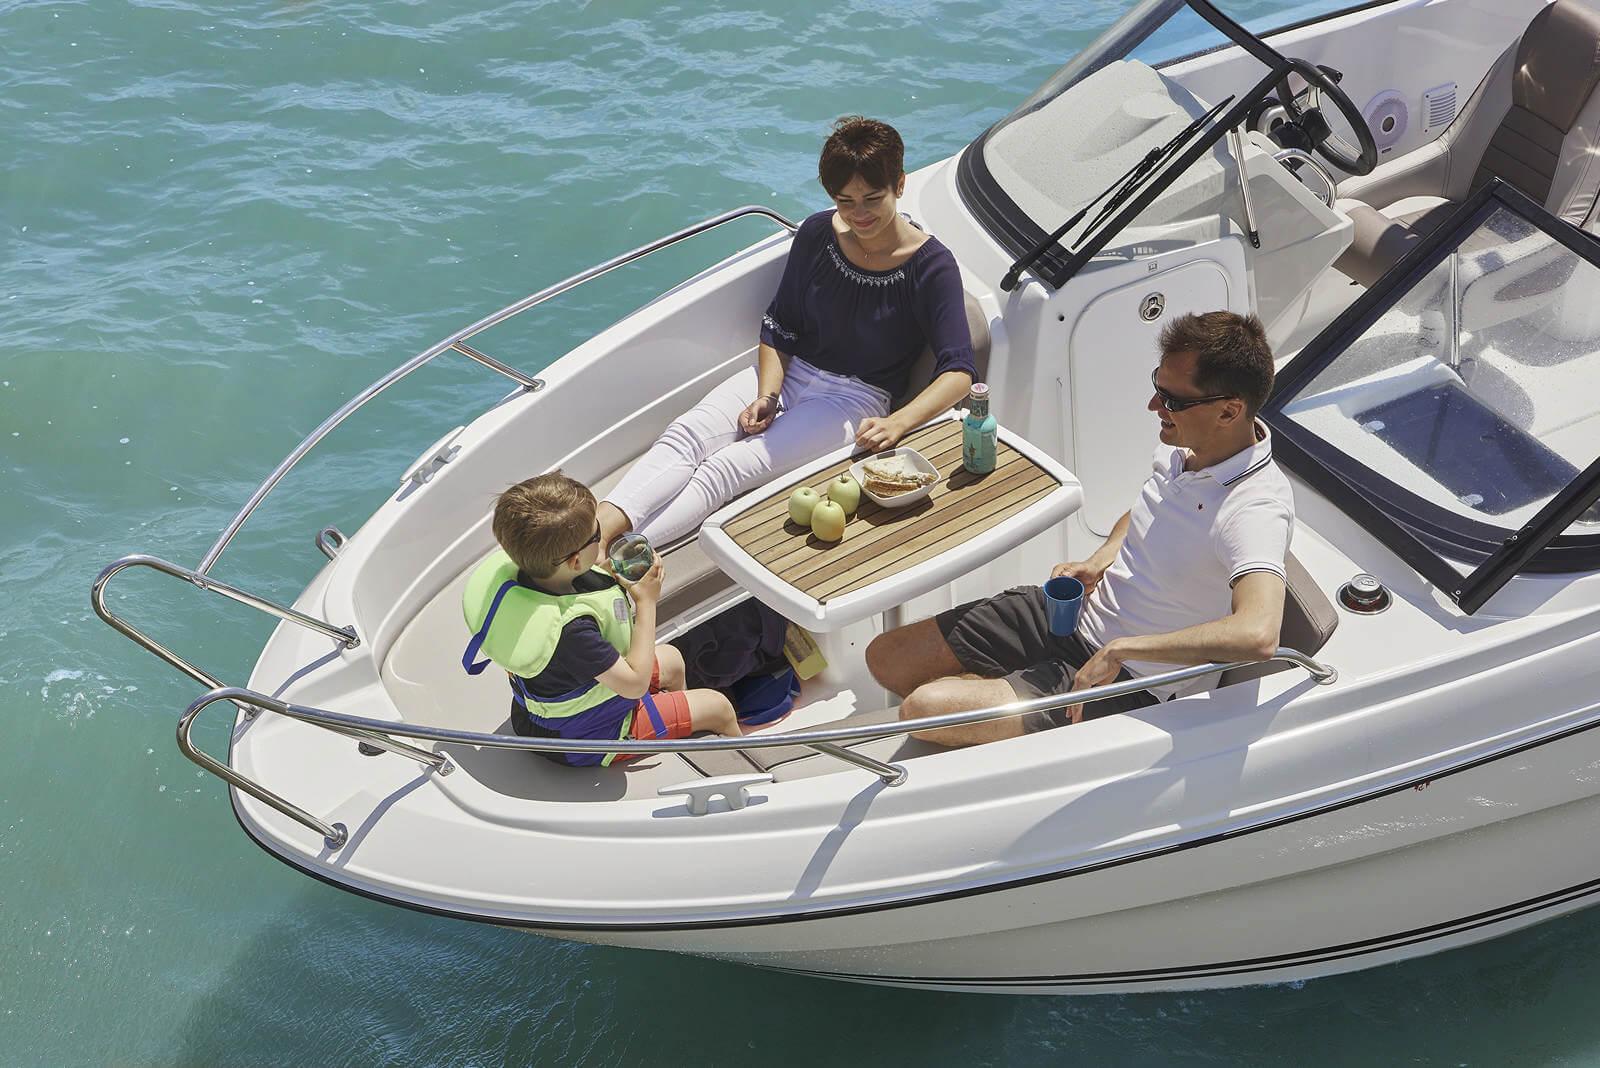 סירת מנוע JEANNEAU CAP CAMARAT 6.5BR - סירת מנוע JEANNEAU CAP CAMARAT 6.5BR - סטרים יאכטות